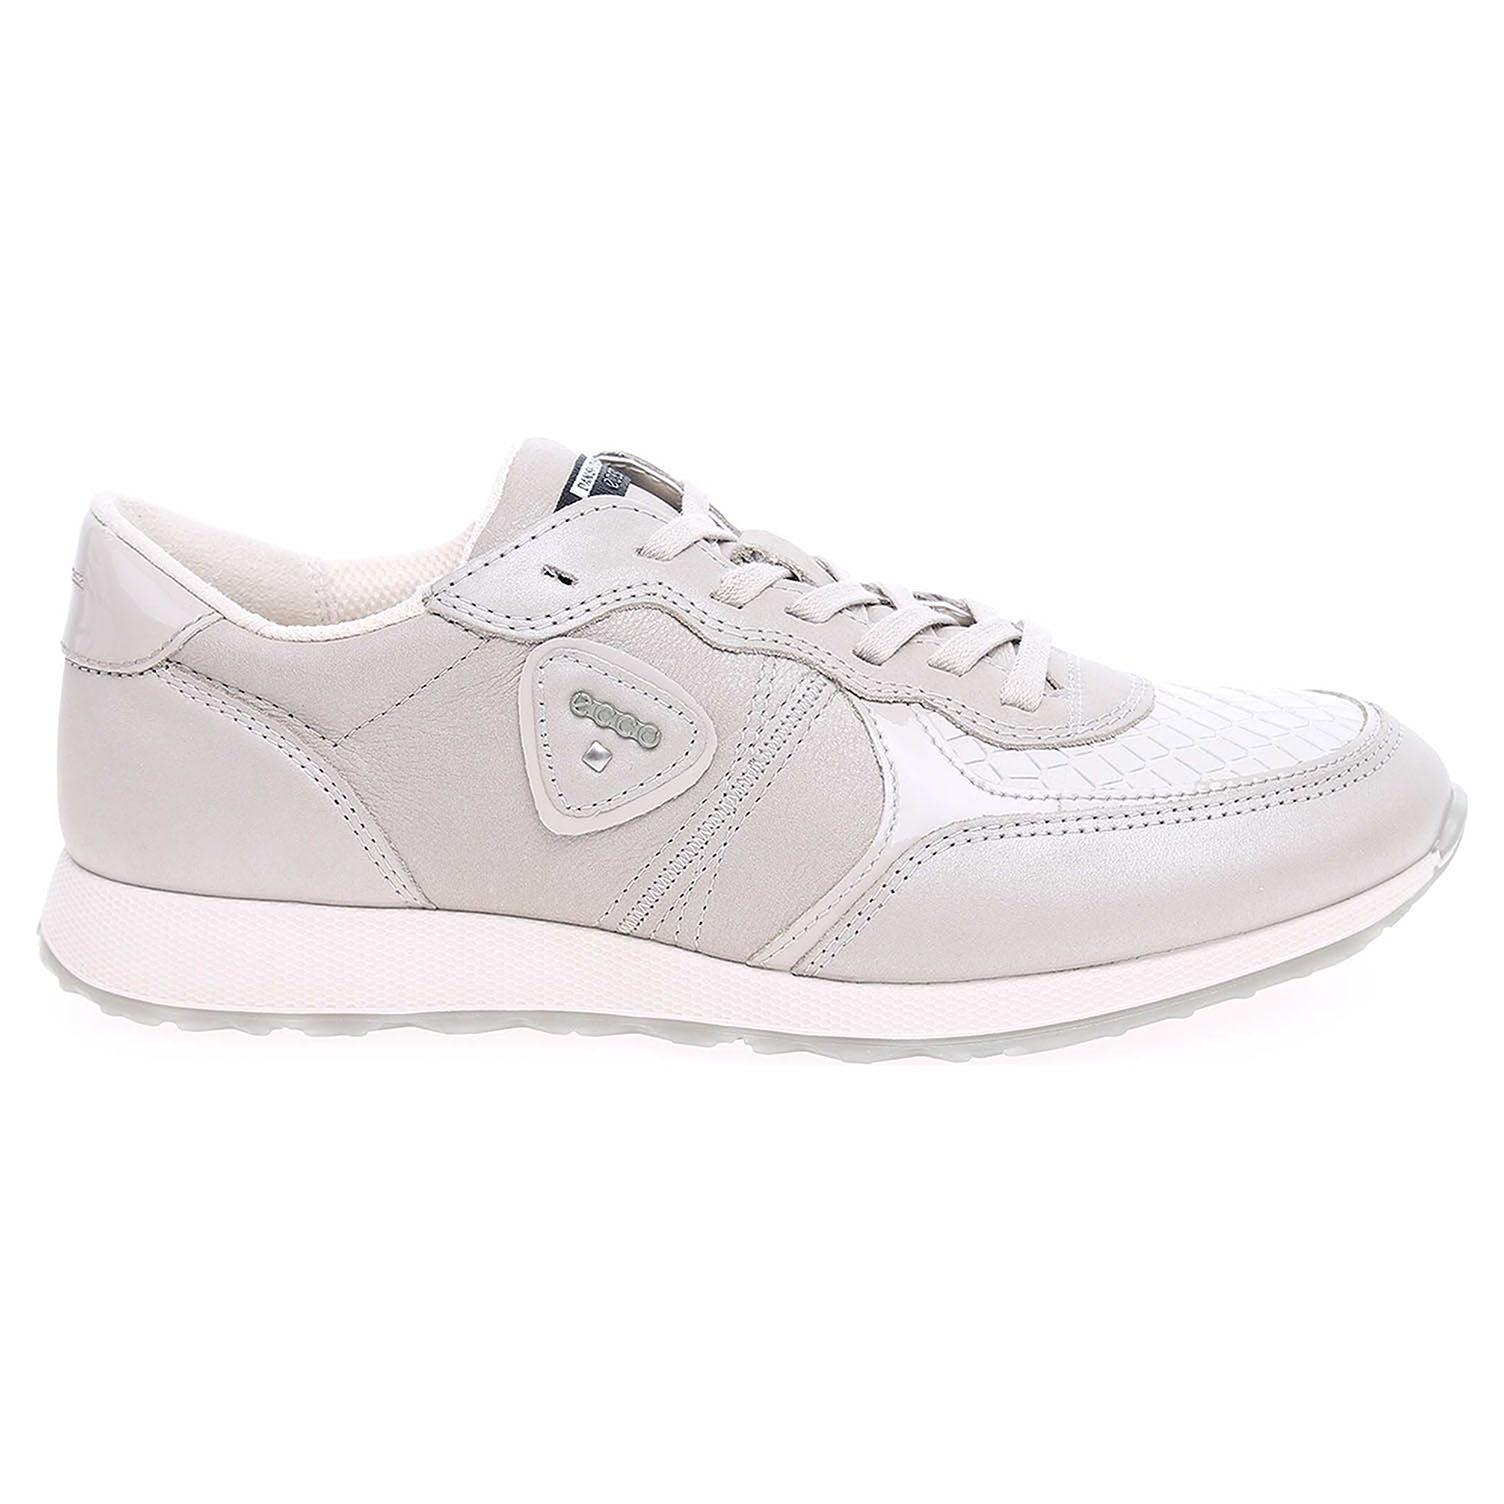 Ecco Ecco Sneak Ladies dámská obuv 43051350399 šedé 23200636 4b7271c98e6